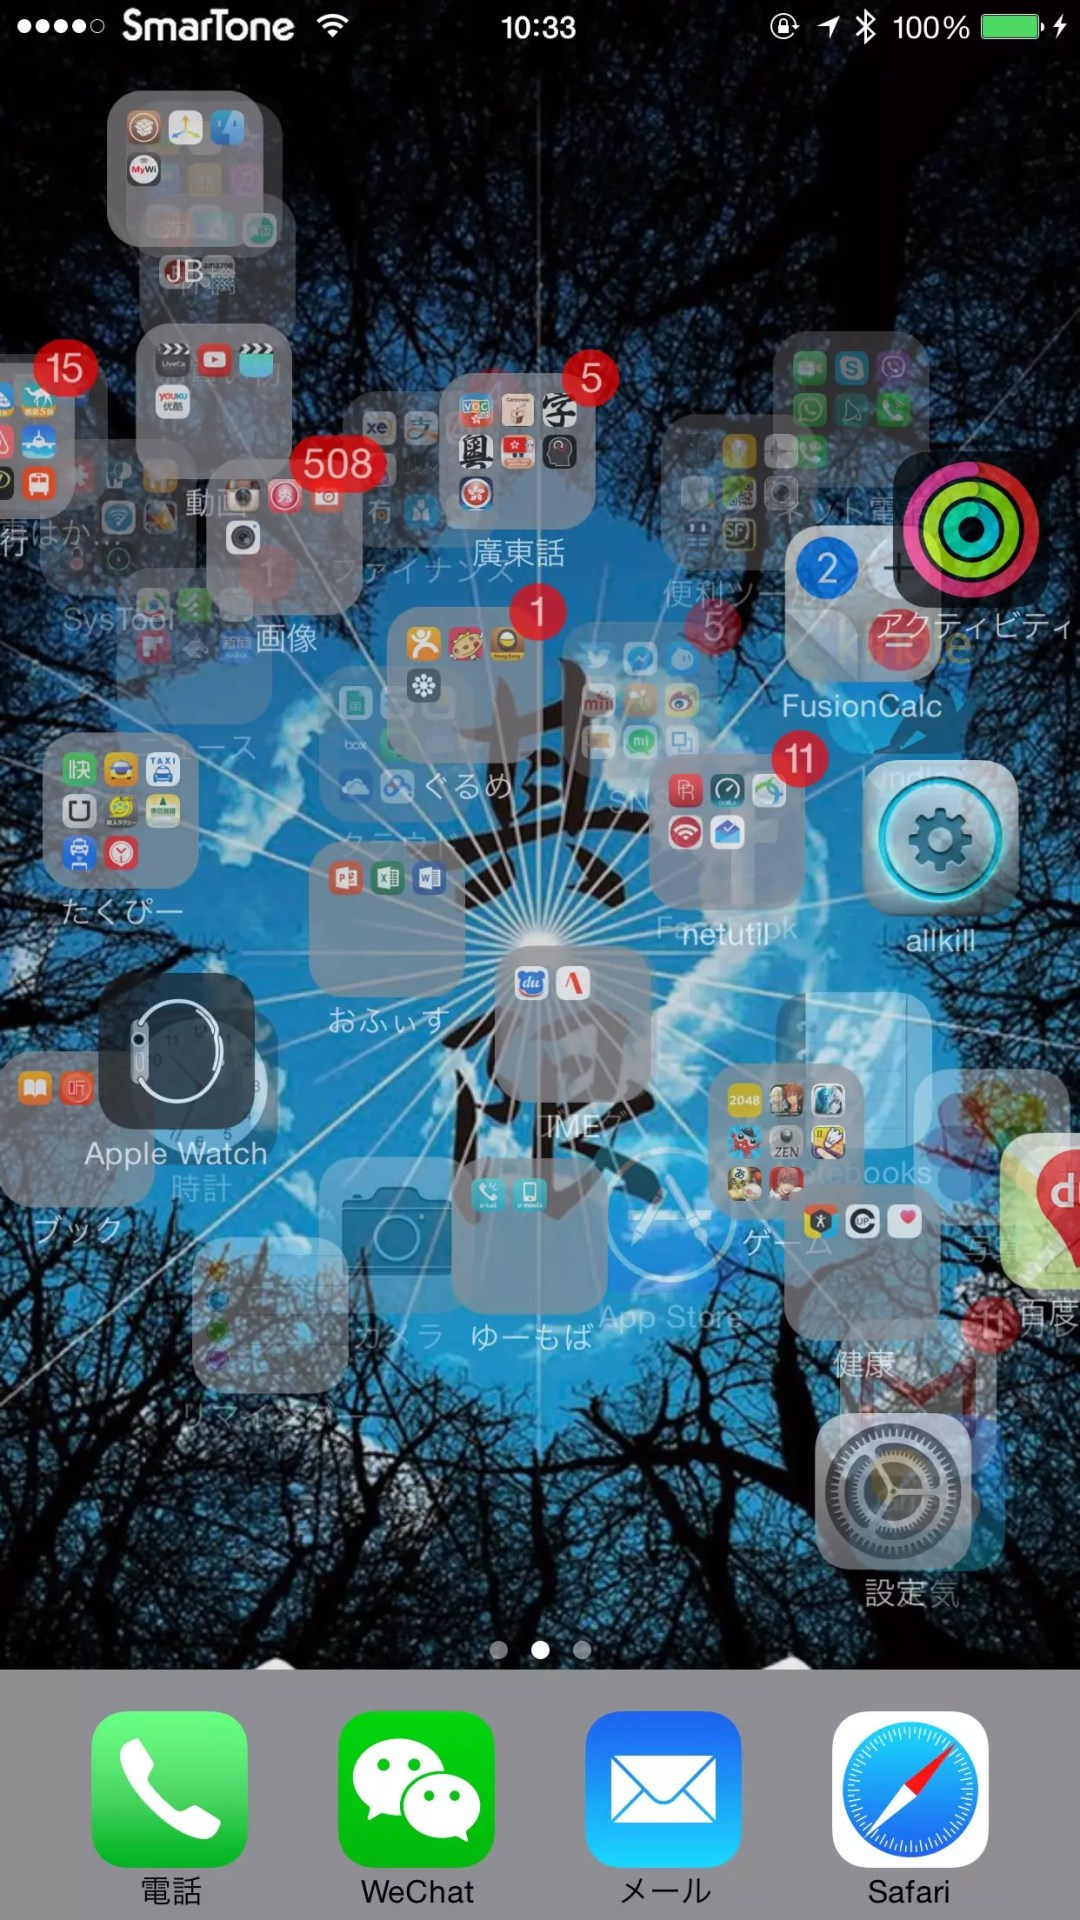 脱獄 方法 iphone checkra1nでの脱獄方法【iOS 12/13/14】